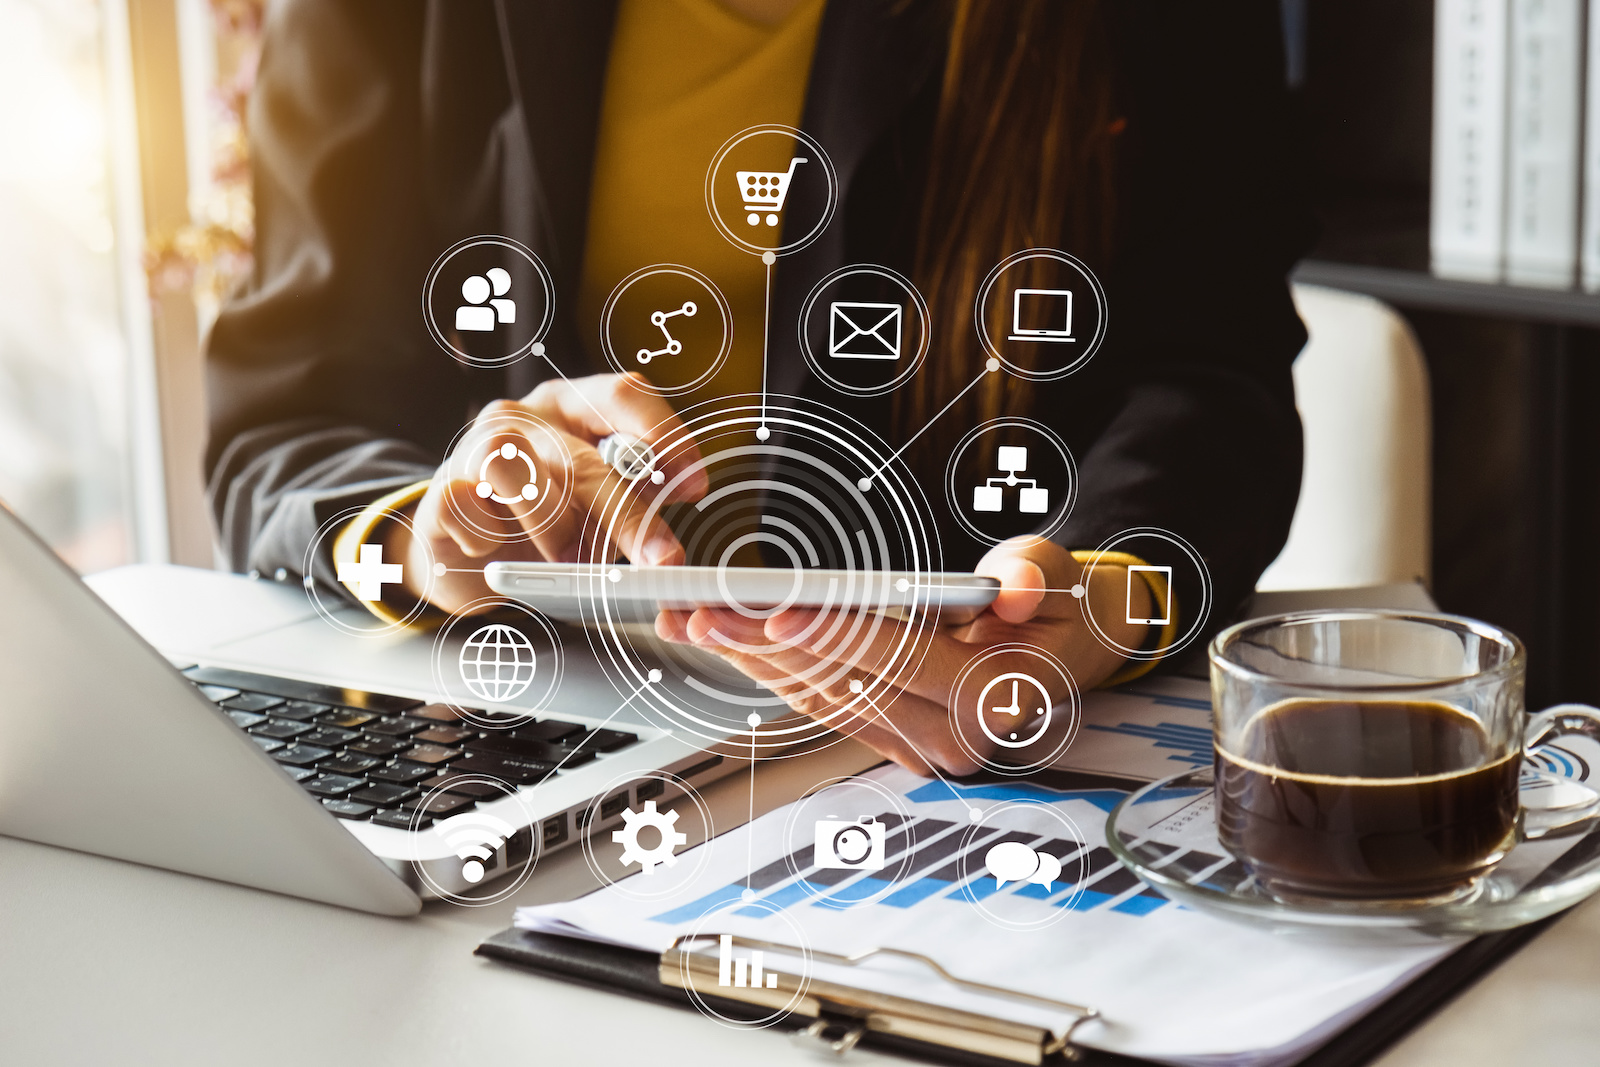 Die Digitalisierung im Mittelstand ist für viele eine große Herausforderung. Wir helfen Ihnen Anlaufstellen zu dem Thema zu finden.